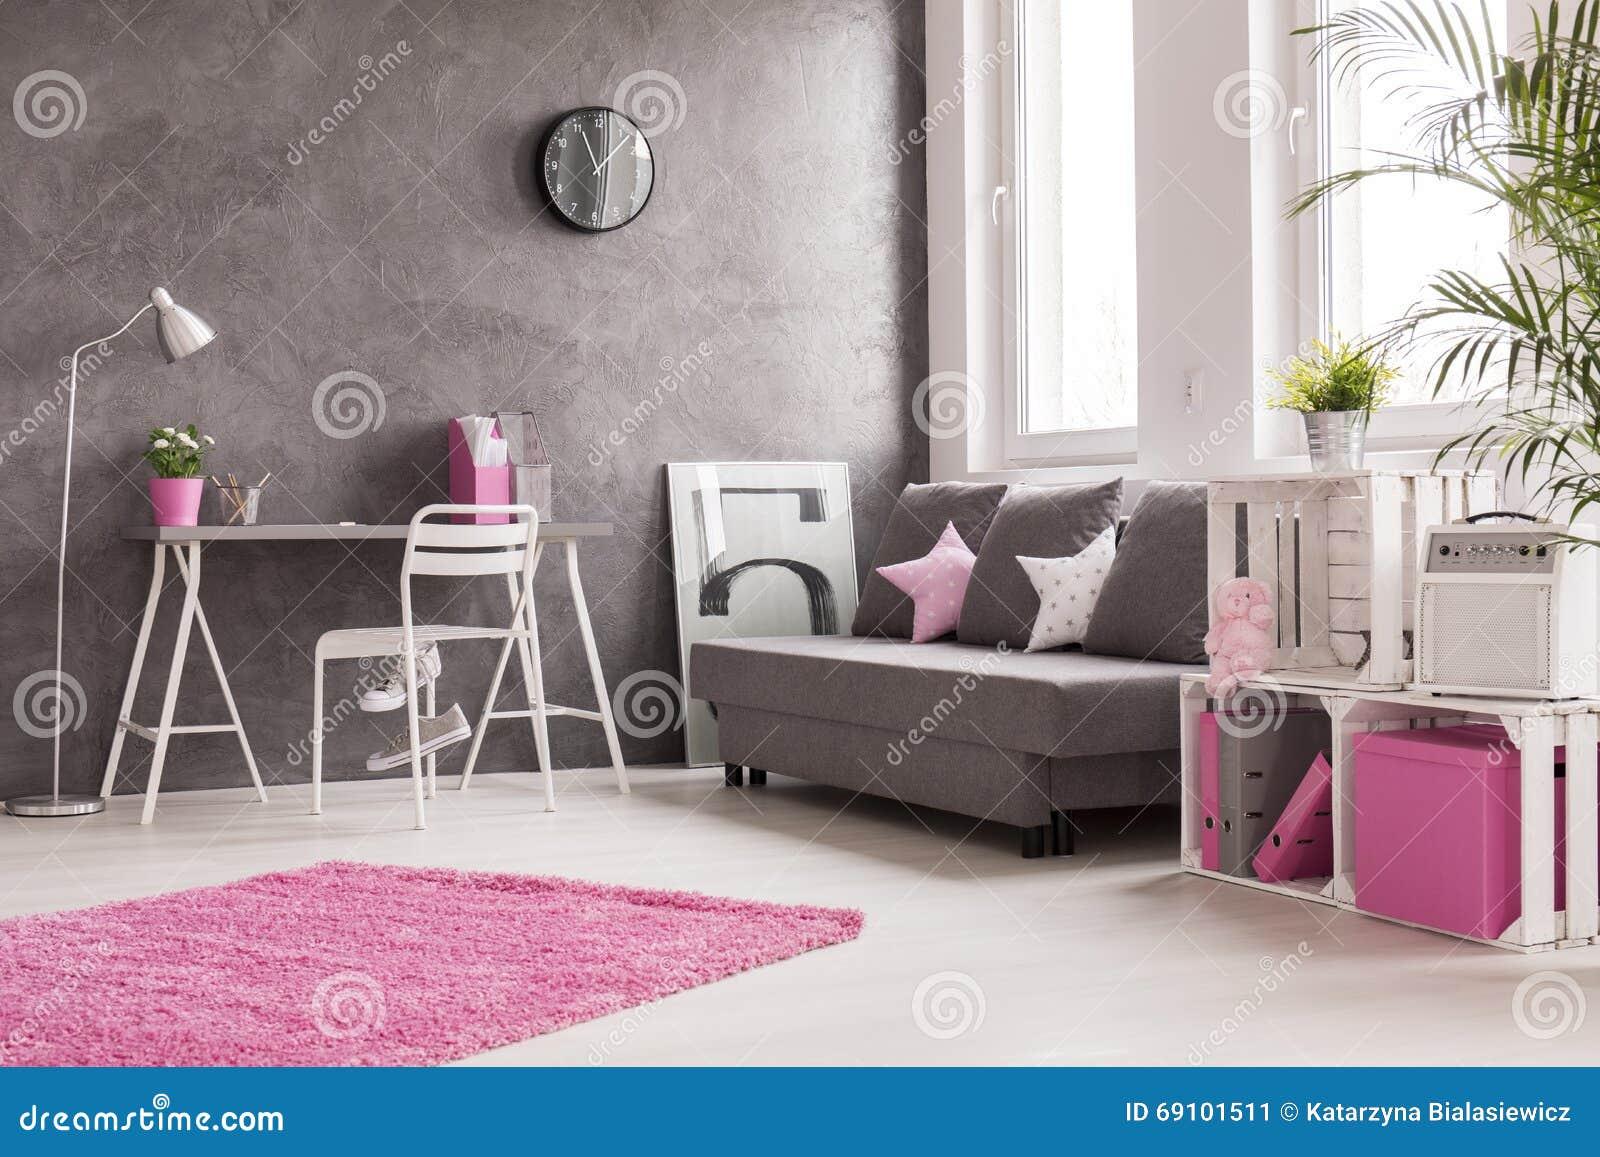 Grå vardagsrum med rosa färg  och vitdetaljer arkivfoto   bild ...